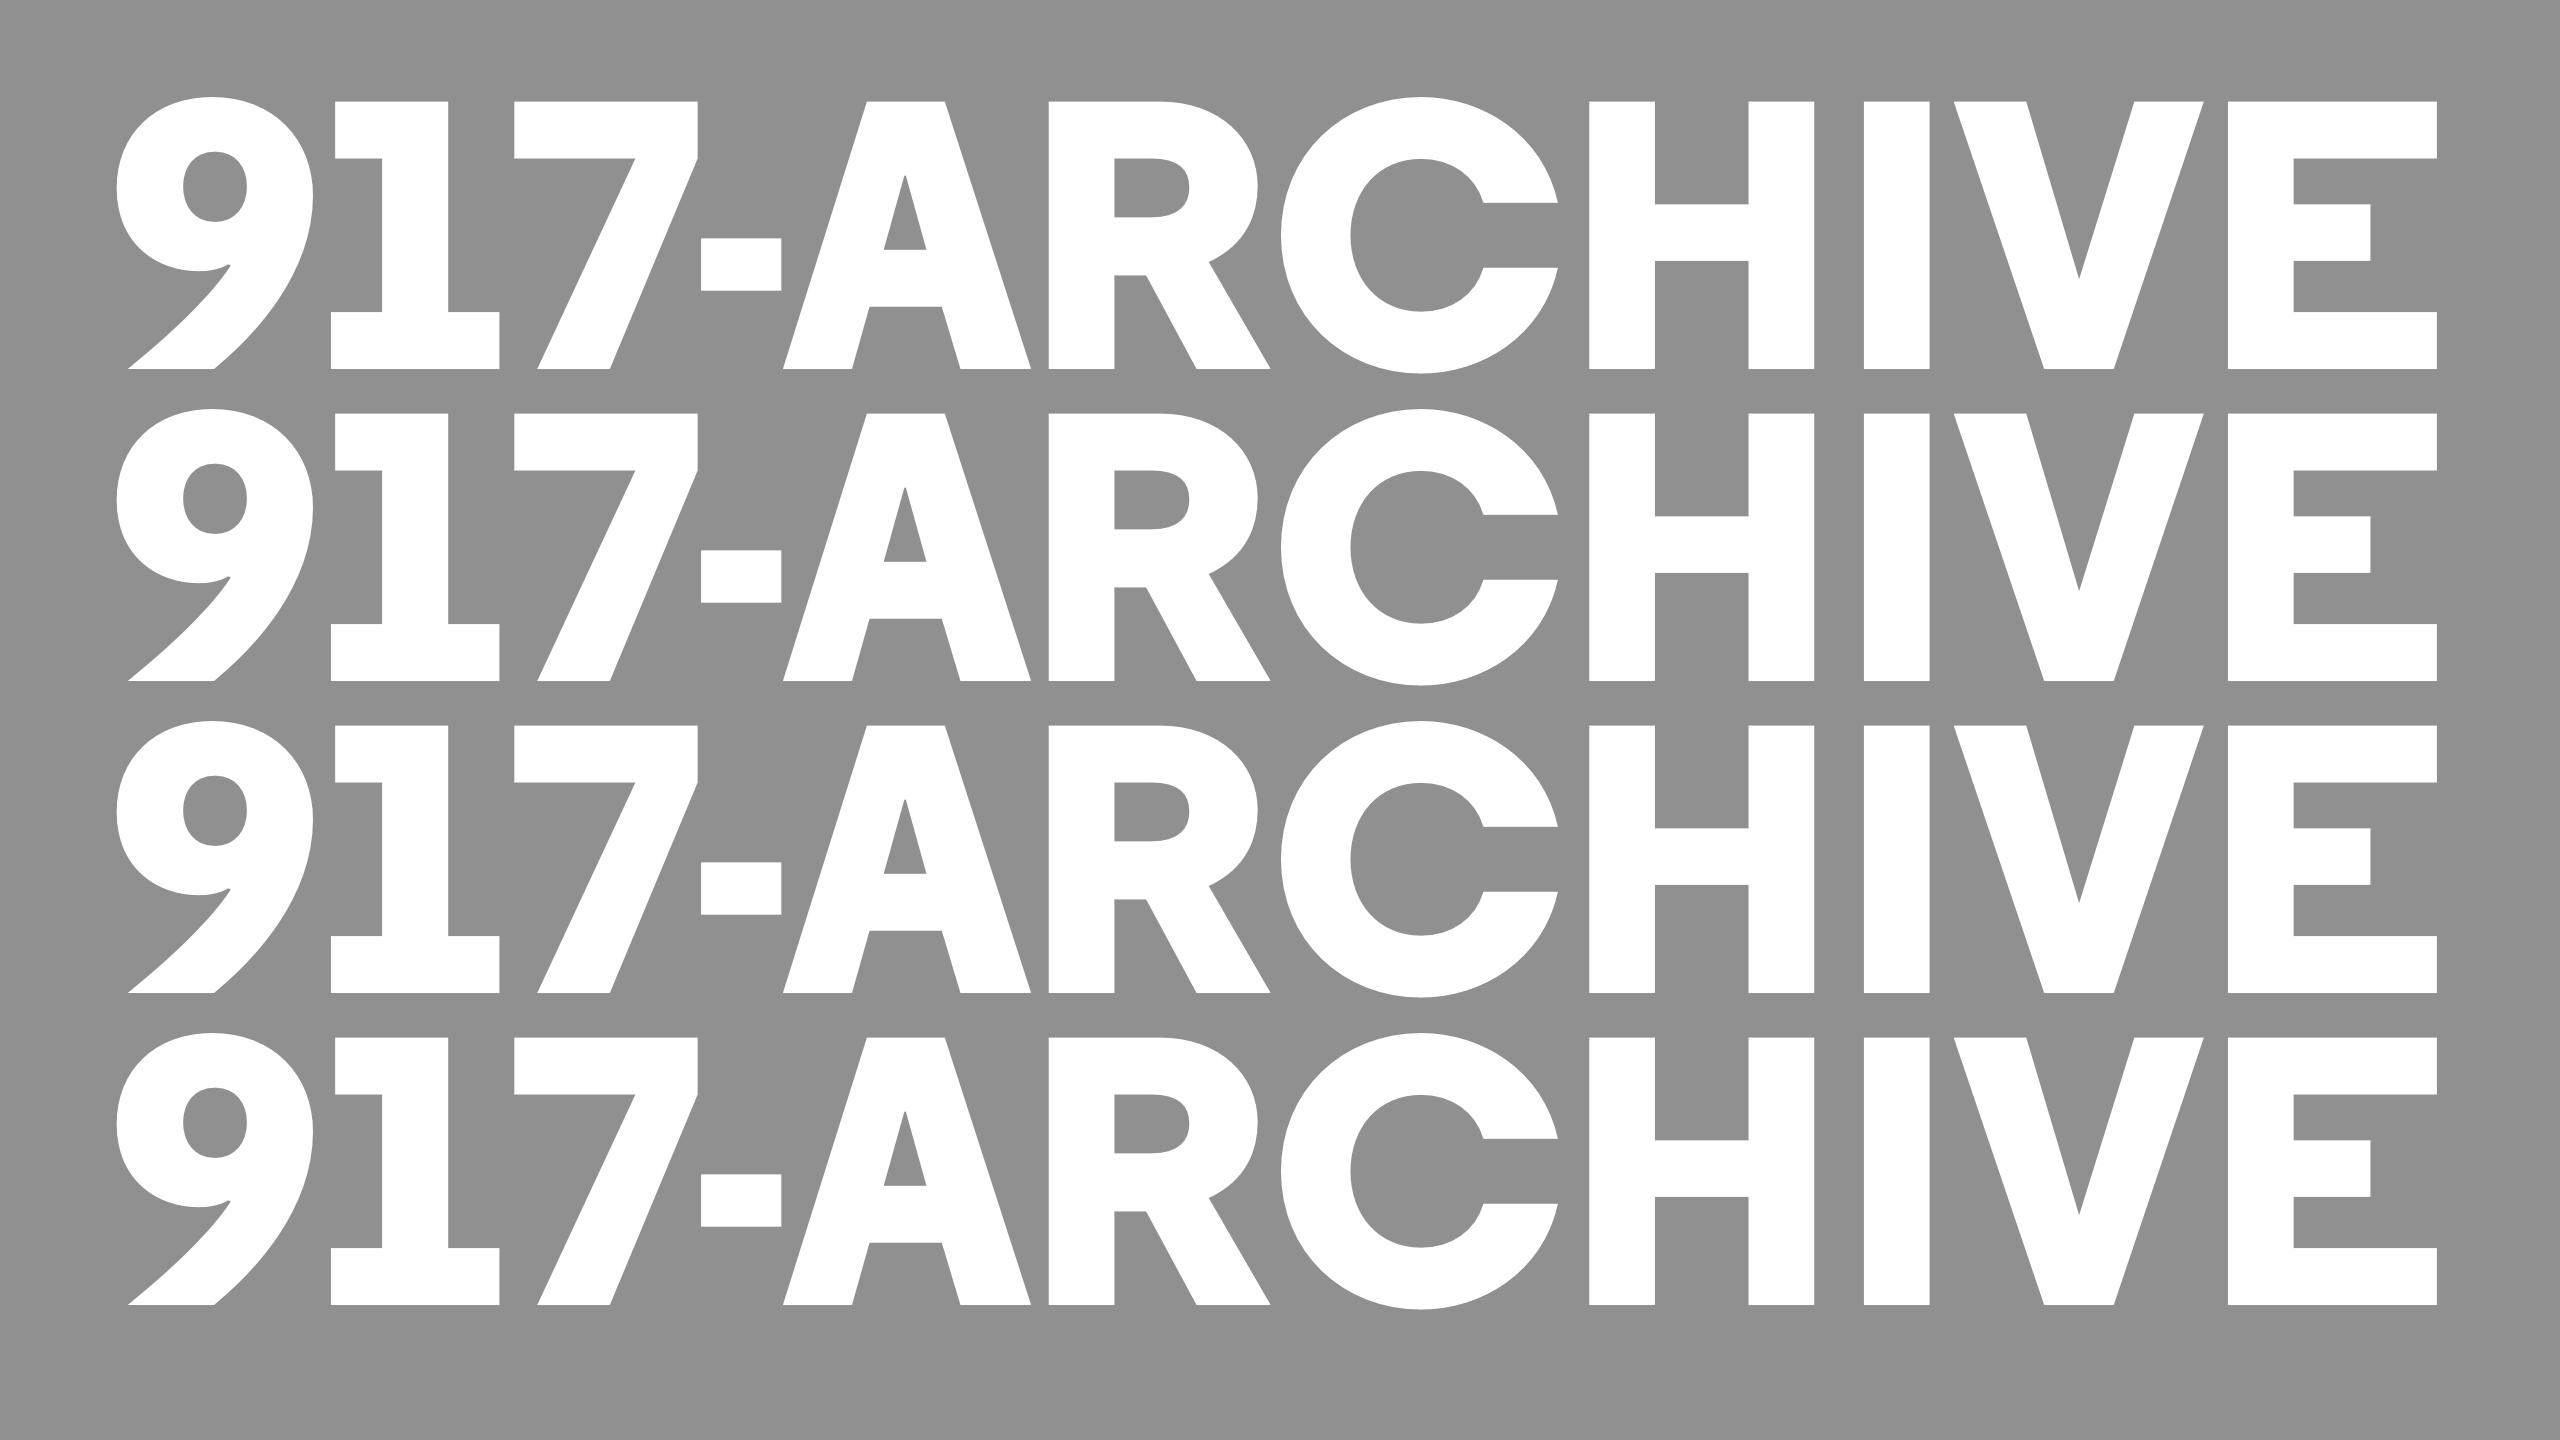 917-ARCHIVE → Catalog Exploration